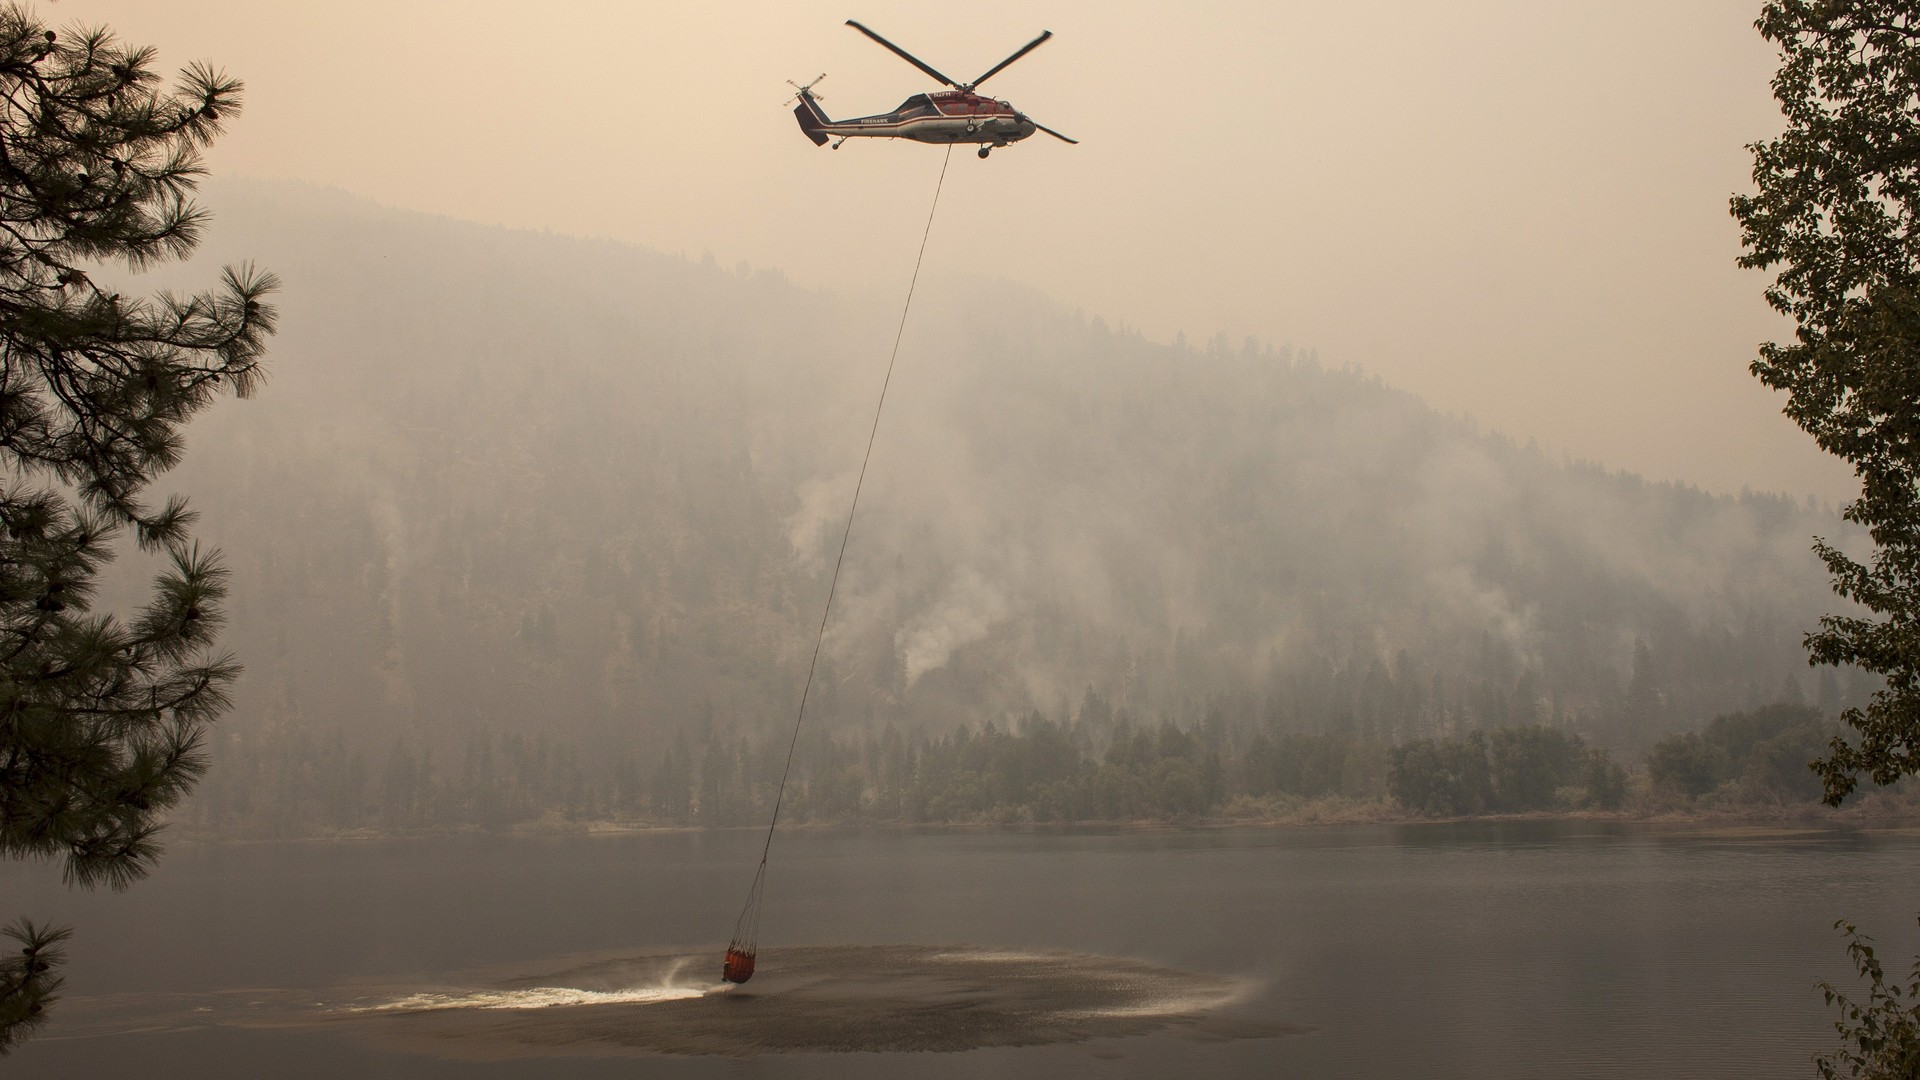 Un hélicoptère vient charger de l'eau du lac Bleu dans l'Etat de Washington